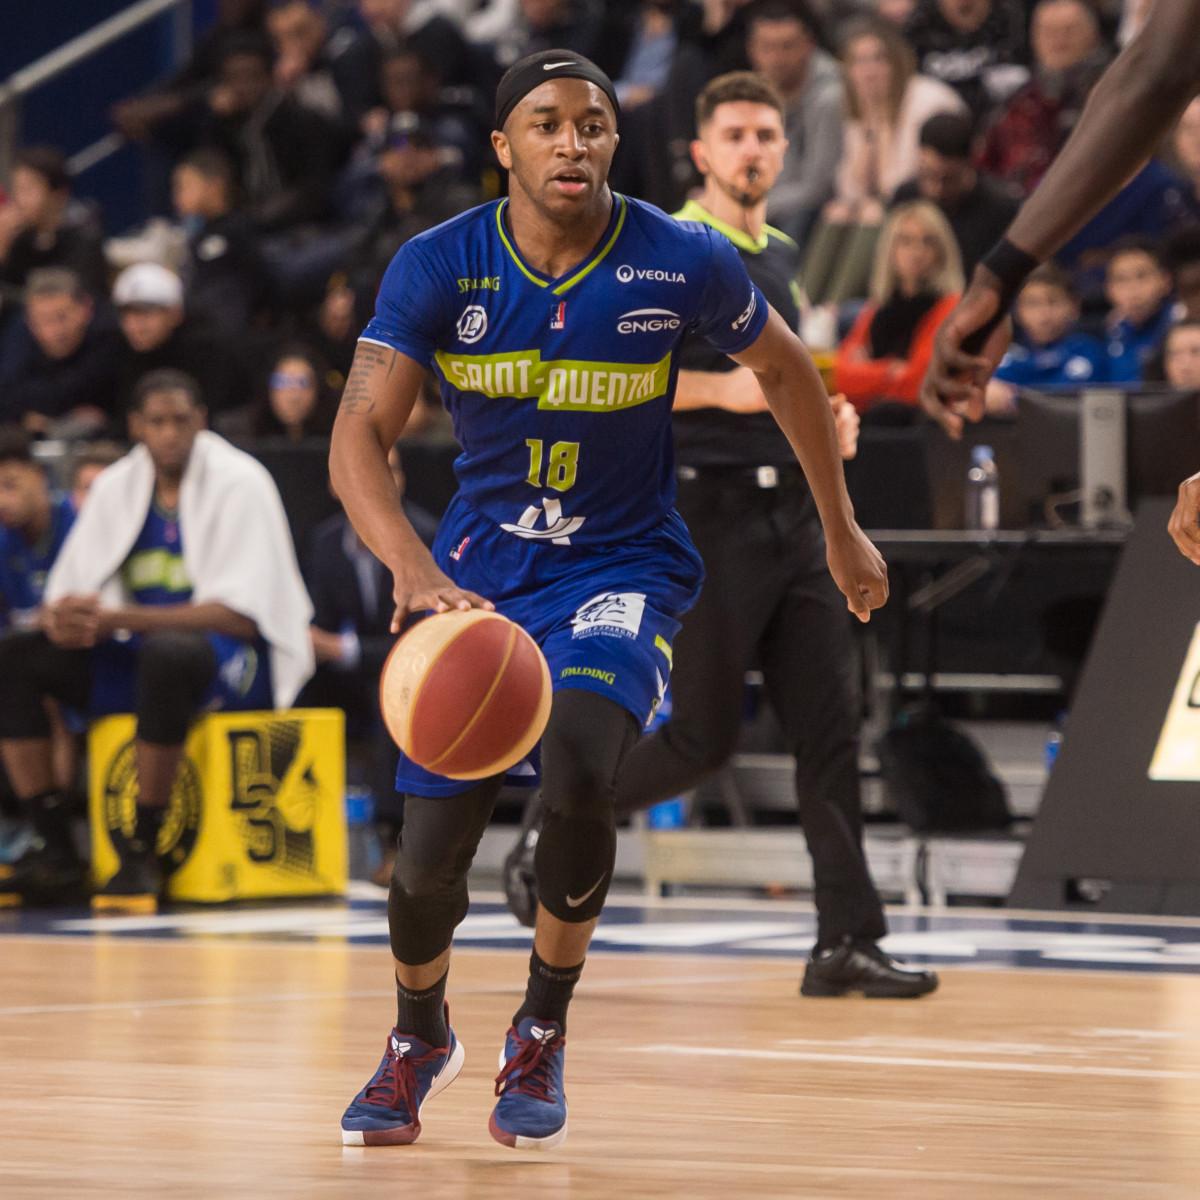 Photo of Jean-Francois Kebe, 2019-2020 season